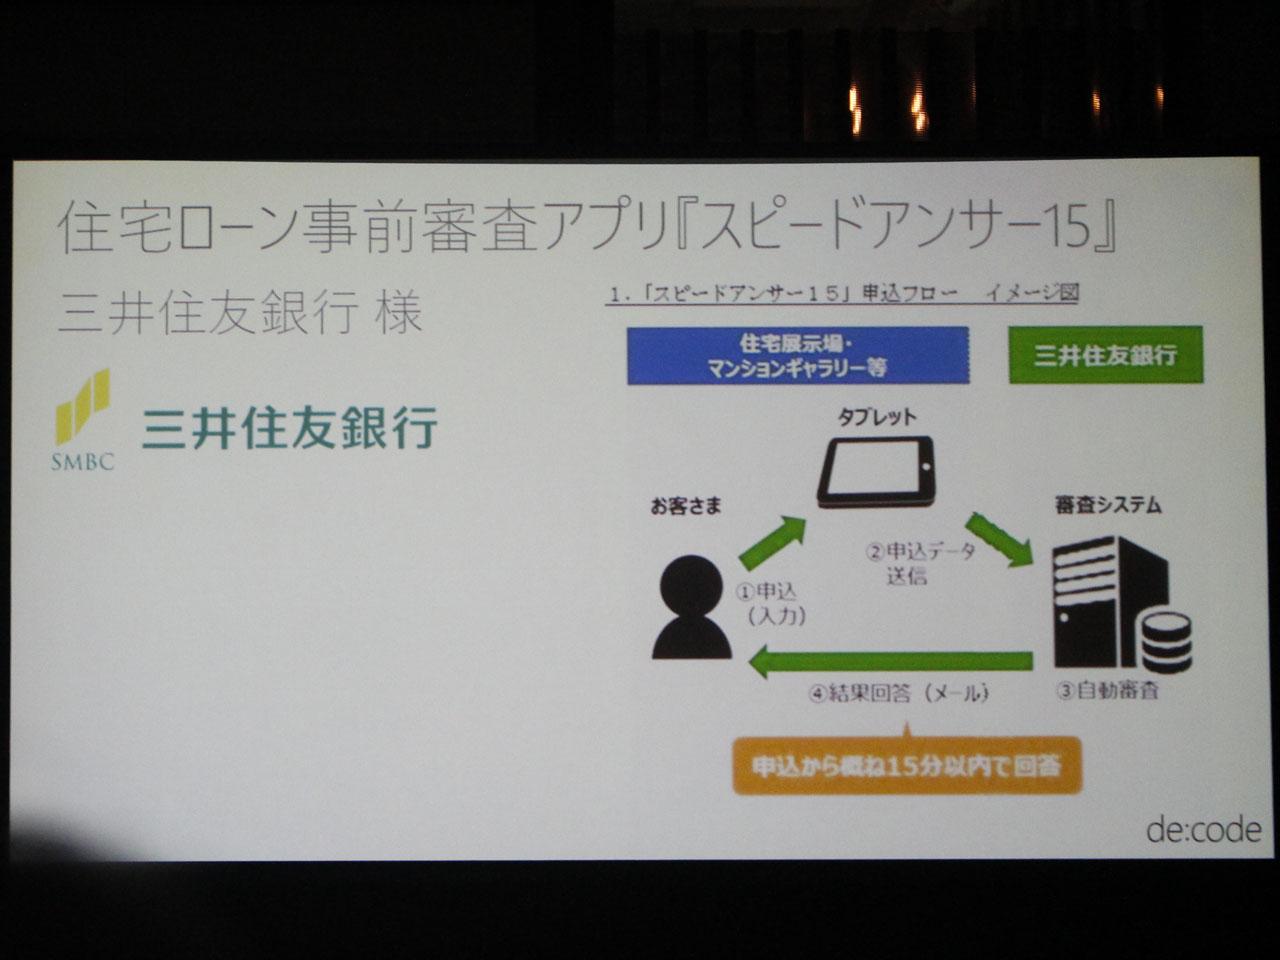 フェンリル株式会社開発の「NHK紅白公式アプリ」